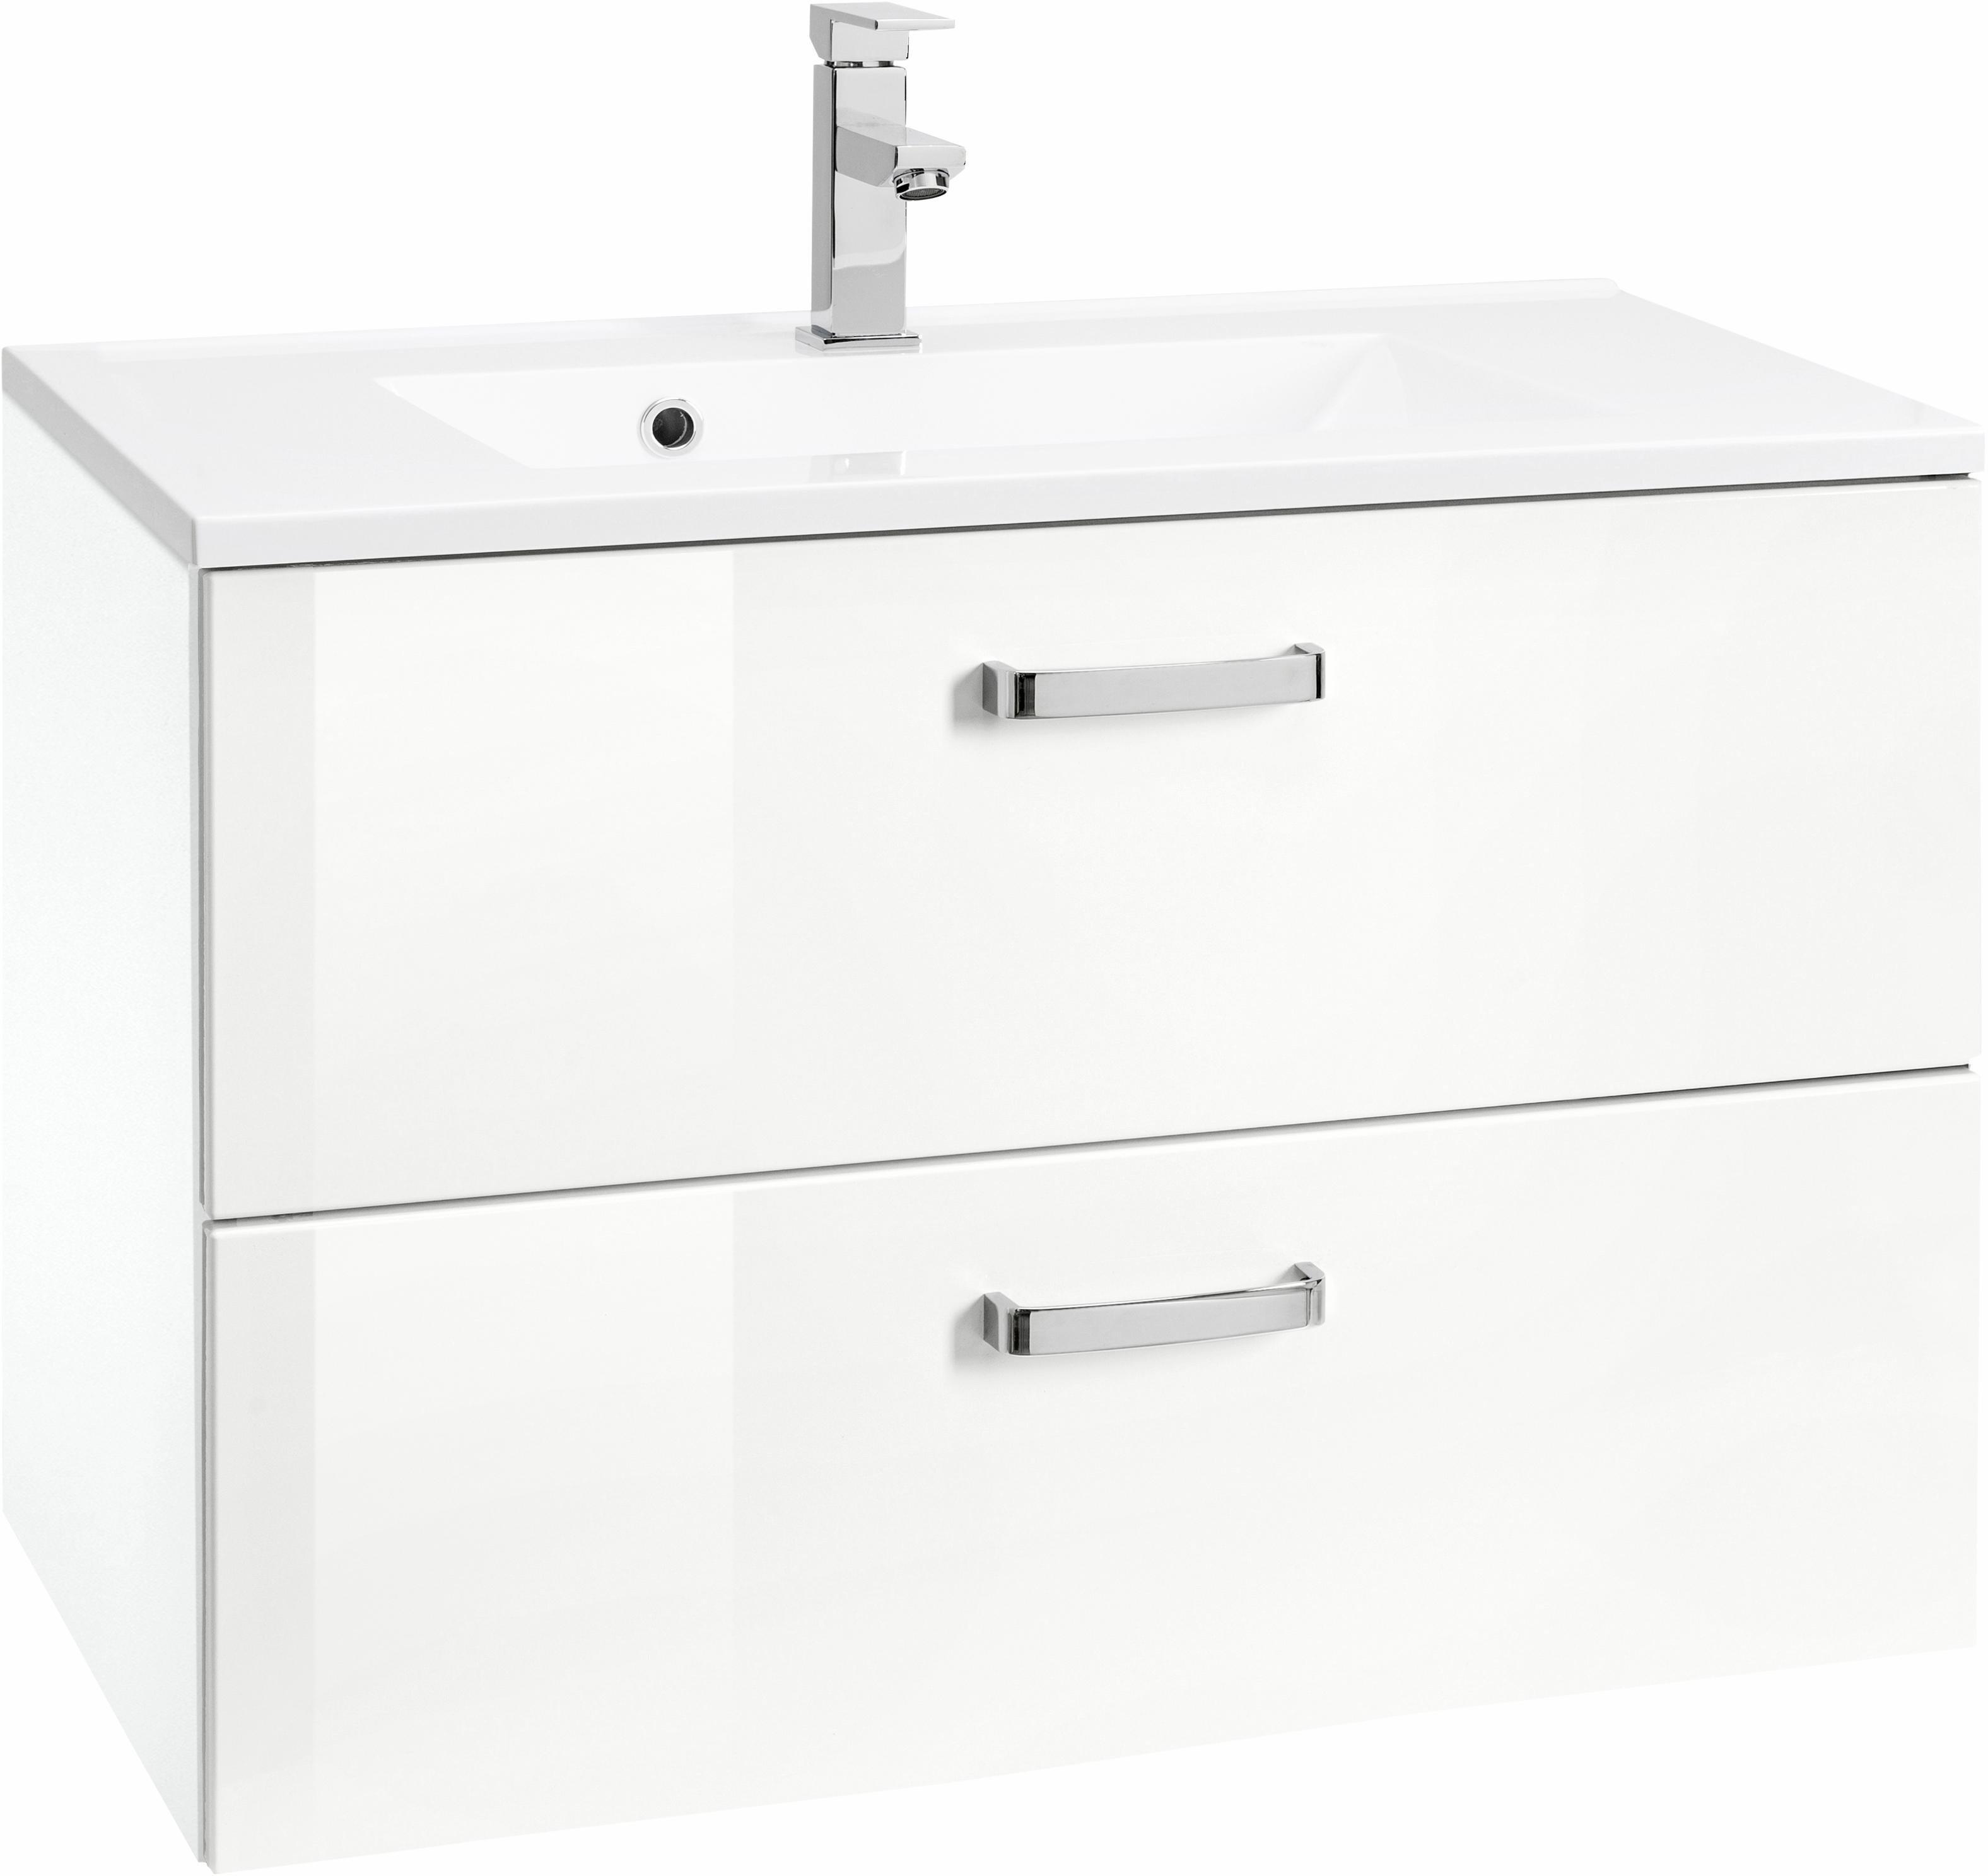 HELD MÖBEL Waschtisch »Ravenna«, Breite 60 cm | Bad > Badmöbel > Badmöbel-Sets | Weiß - Grau | Melamin | HELD MÖBEL